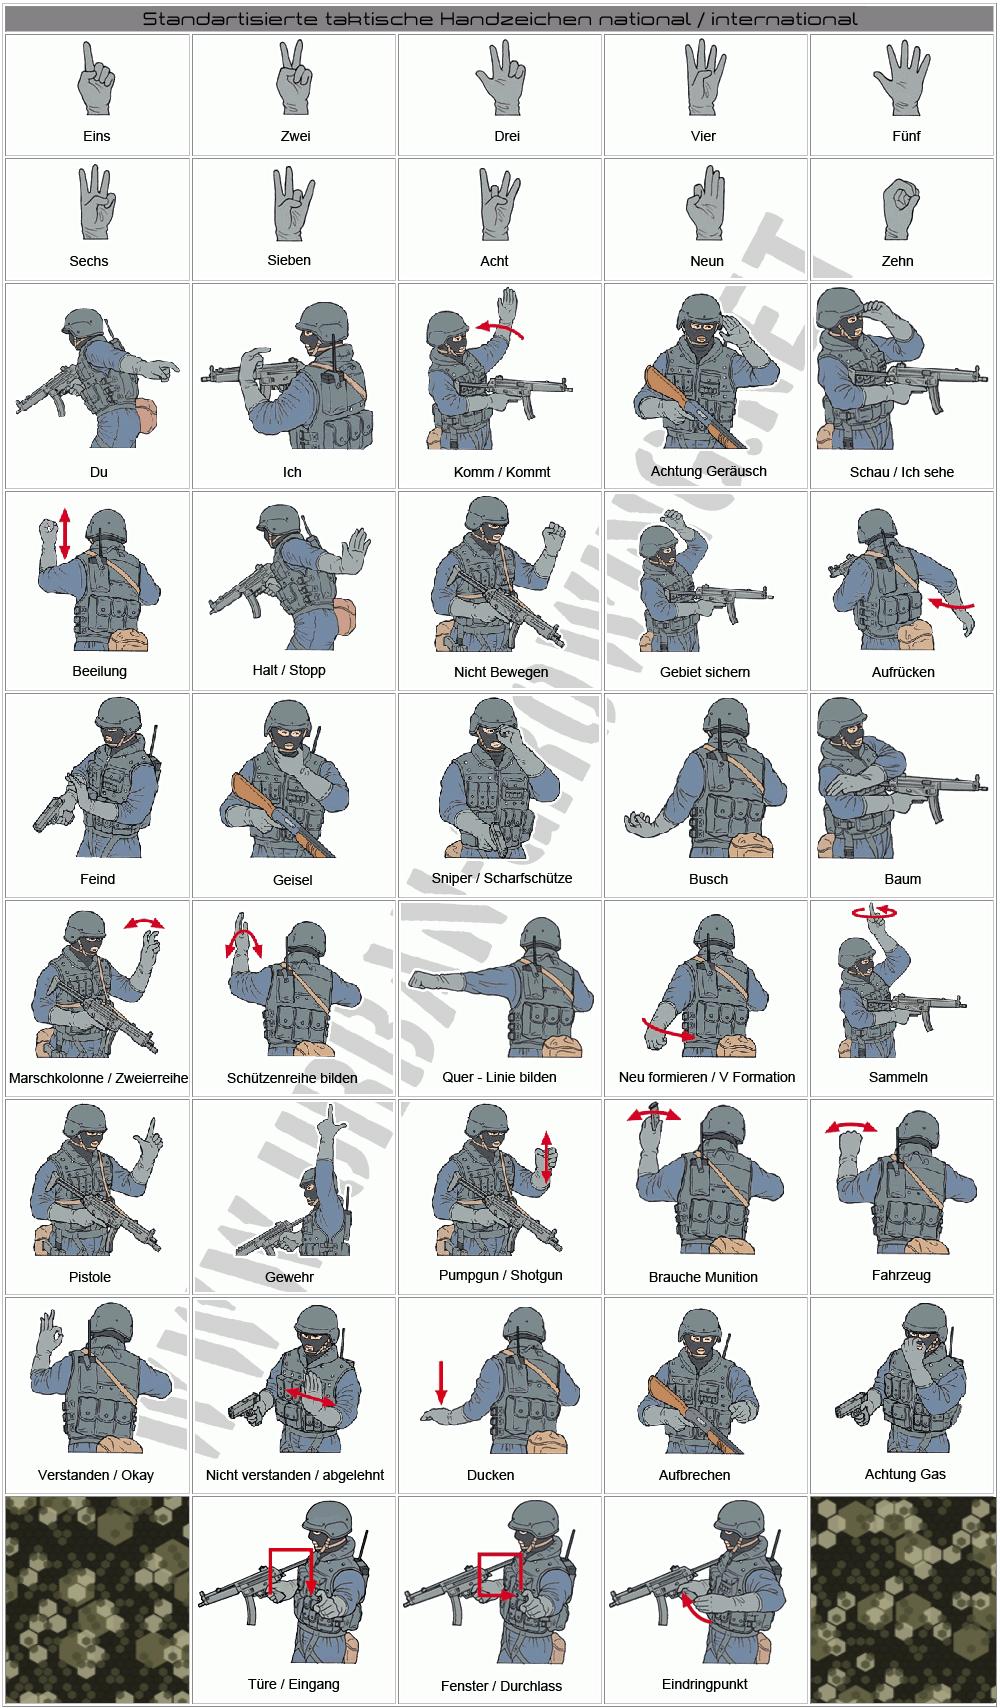 Internationale Taktische Handzeichen - www.urban-growing.net - Übersetzung Volker Truckenmüller